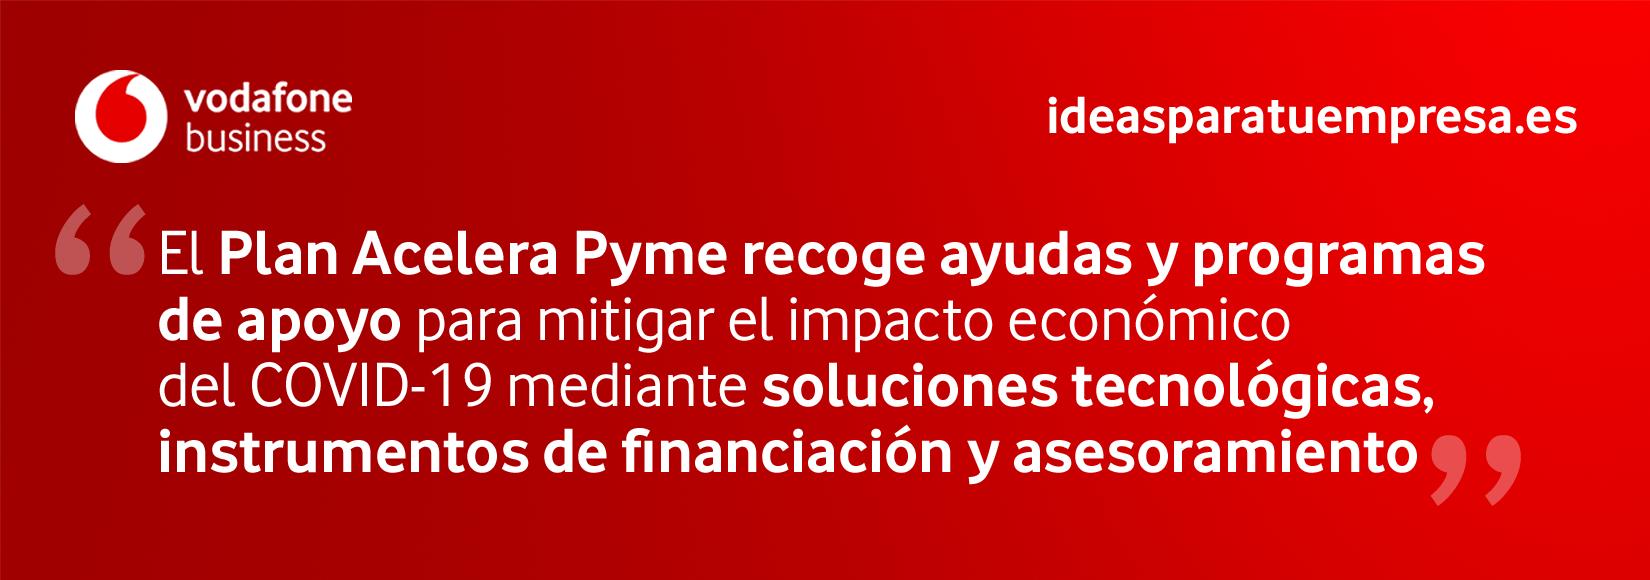 Plan Acelera Pyme de financiación y asesoramiento